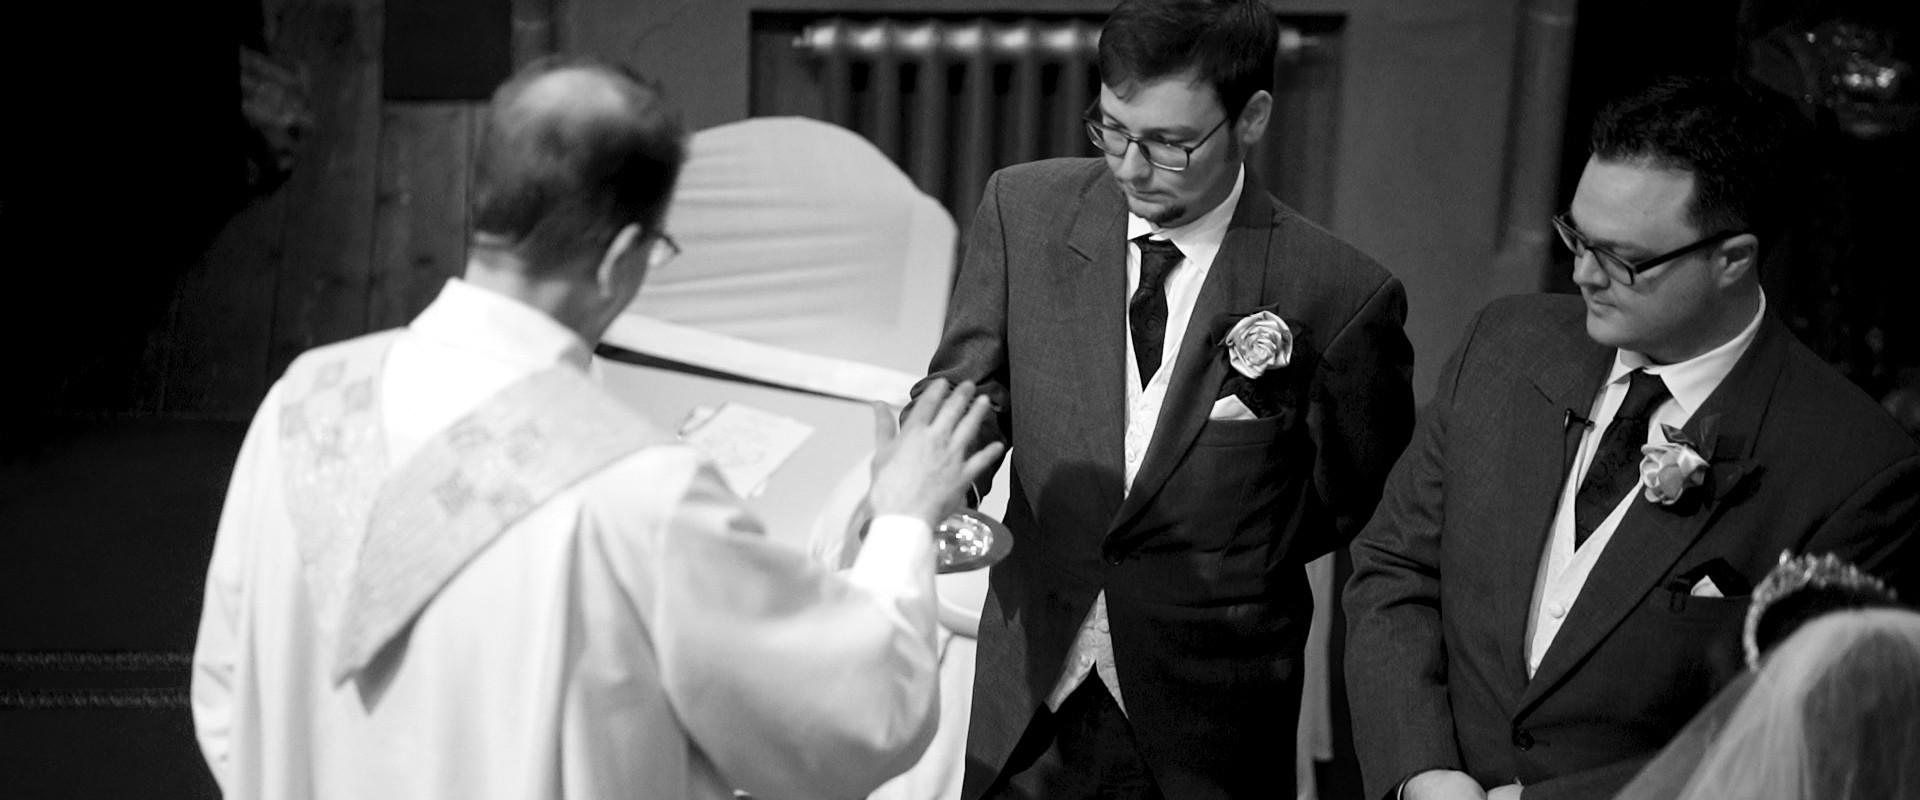 Wedding-ShortFilm-BW.00_03_29_19.Still03